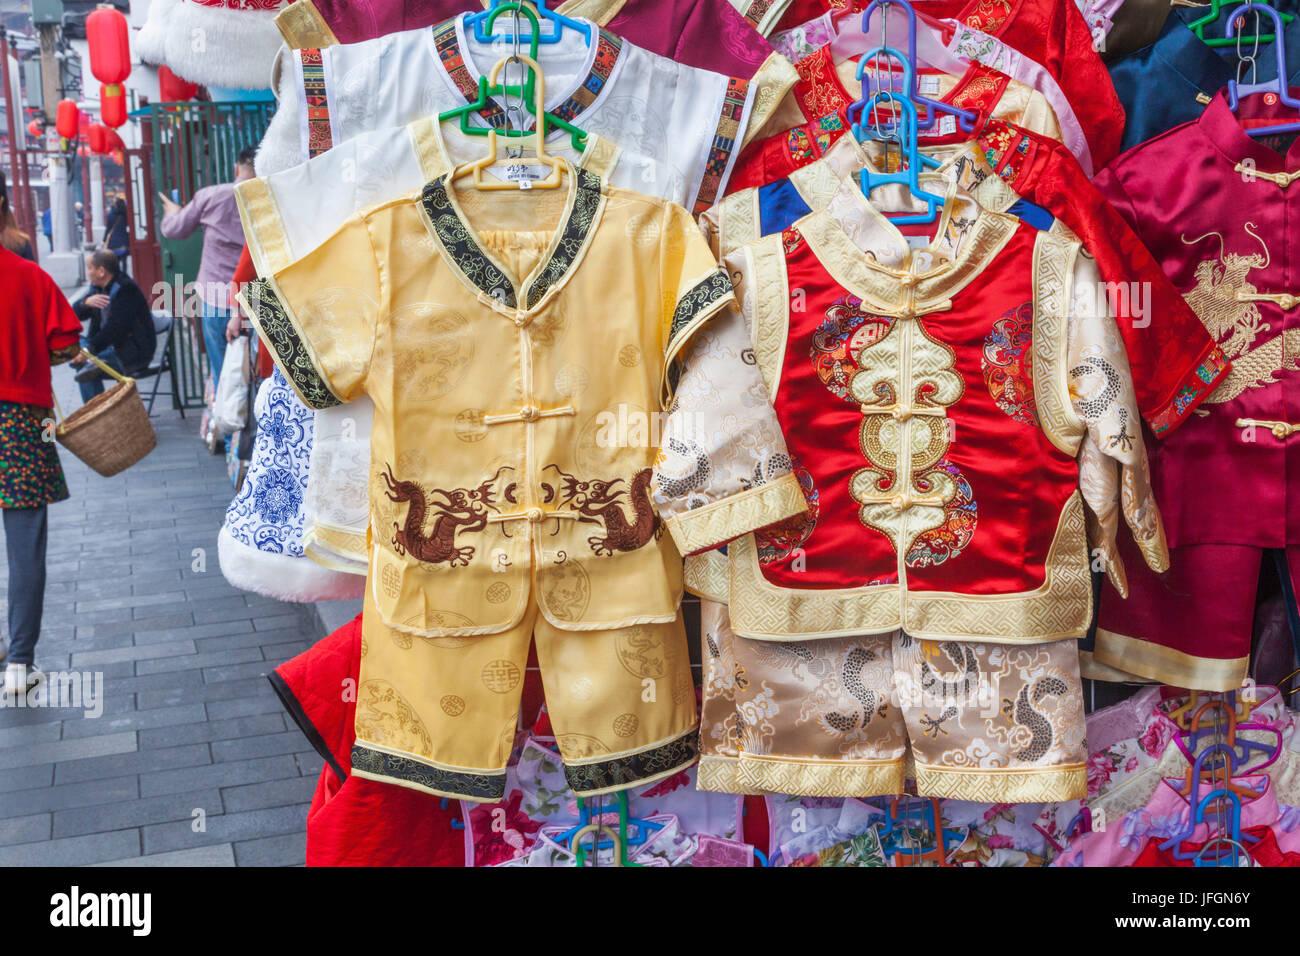 China, Shanghai, el Jardín Yuyuan, visualización de la tienda tradicional de ropa infantil Imagen De Stock